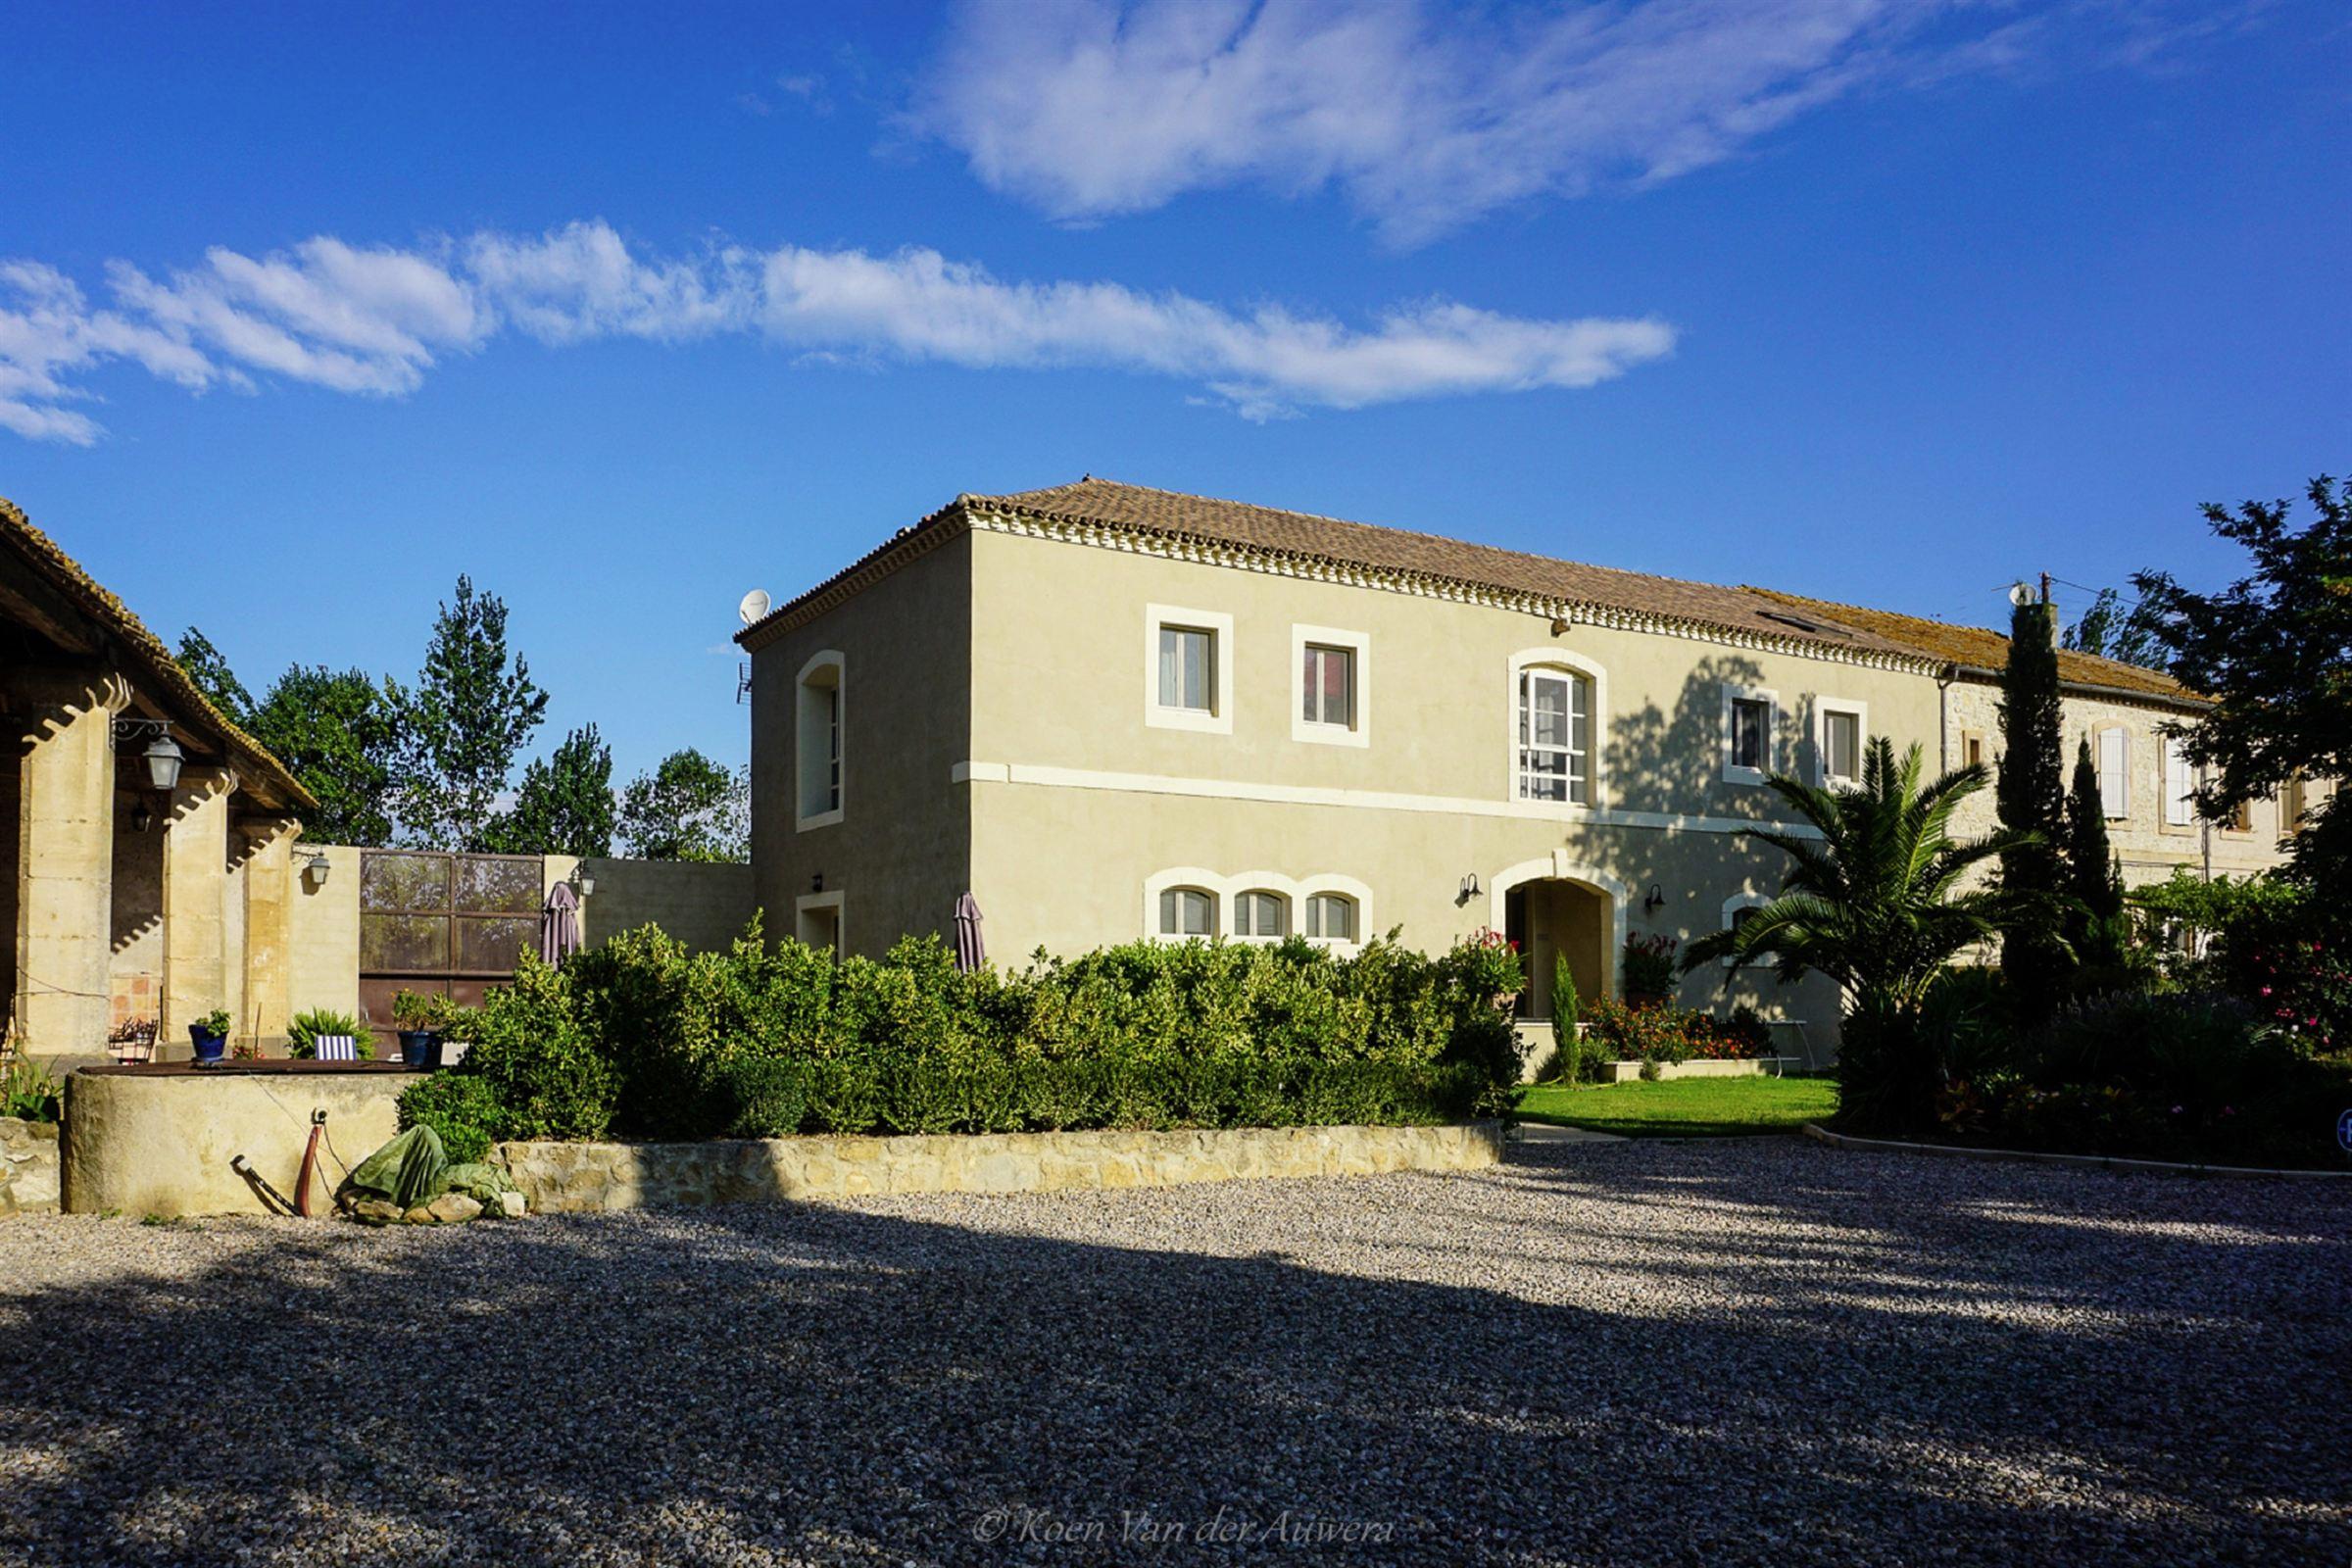 Single Family Home for Sale at Belle propriété Narbonne, Languedoc-Roussillon, 11100 France